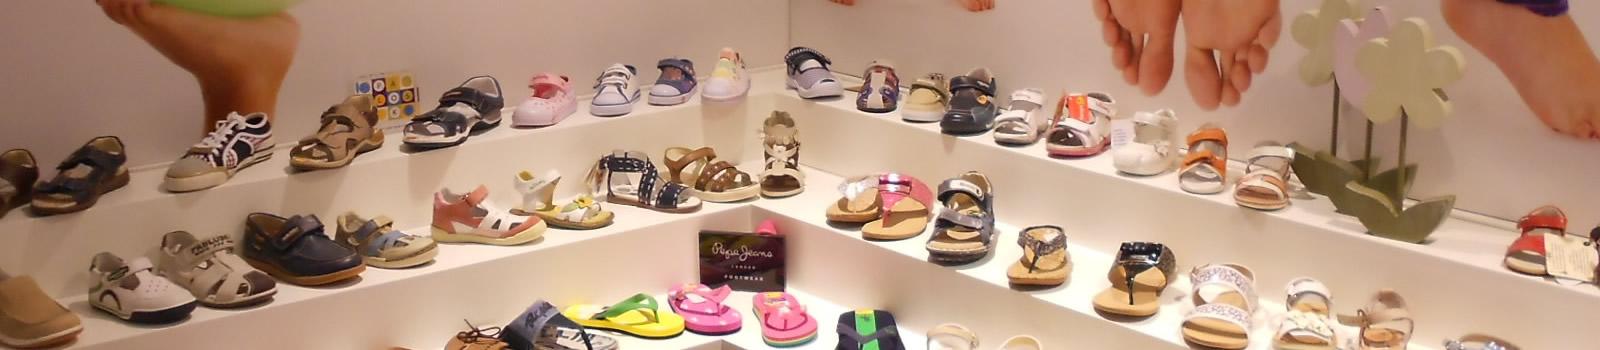 primeras marcas en calzado infantil, primeras marcas en calzado juvenil